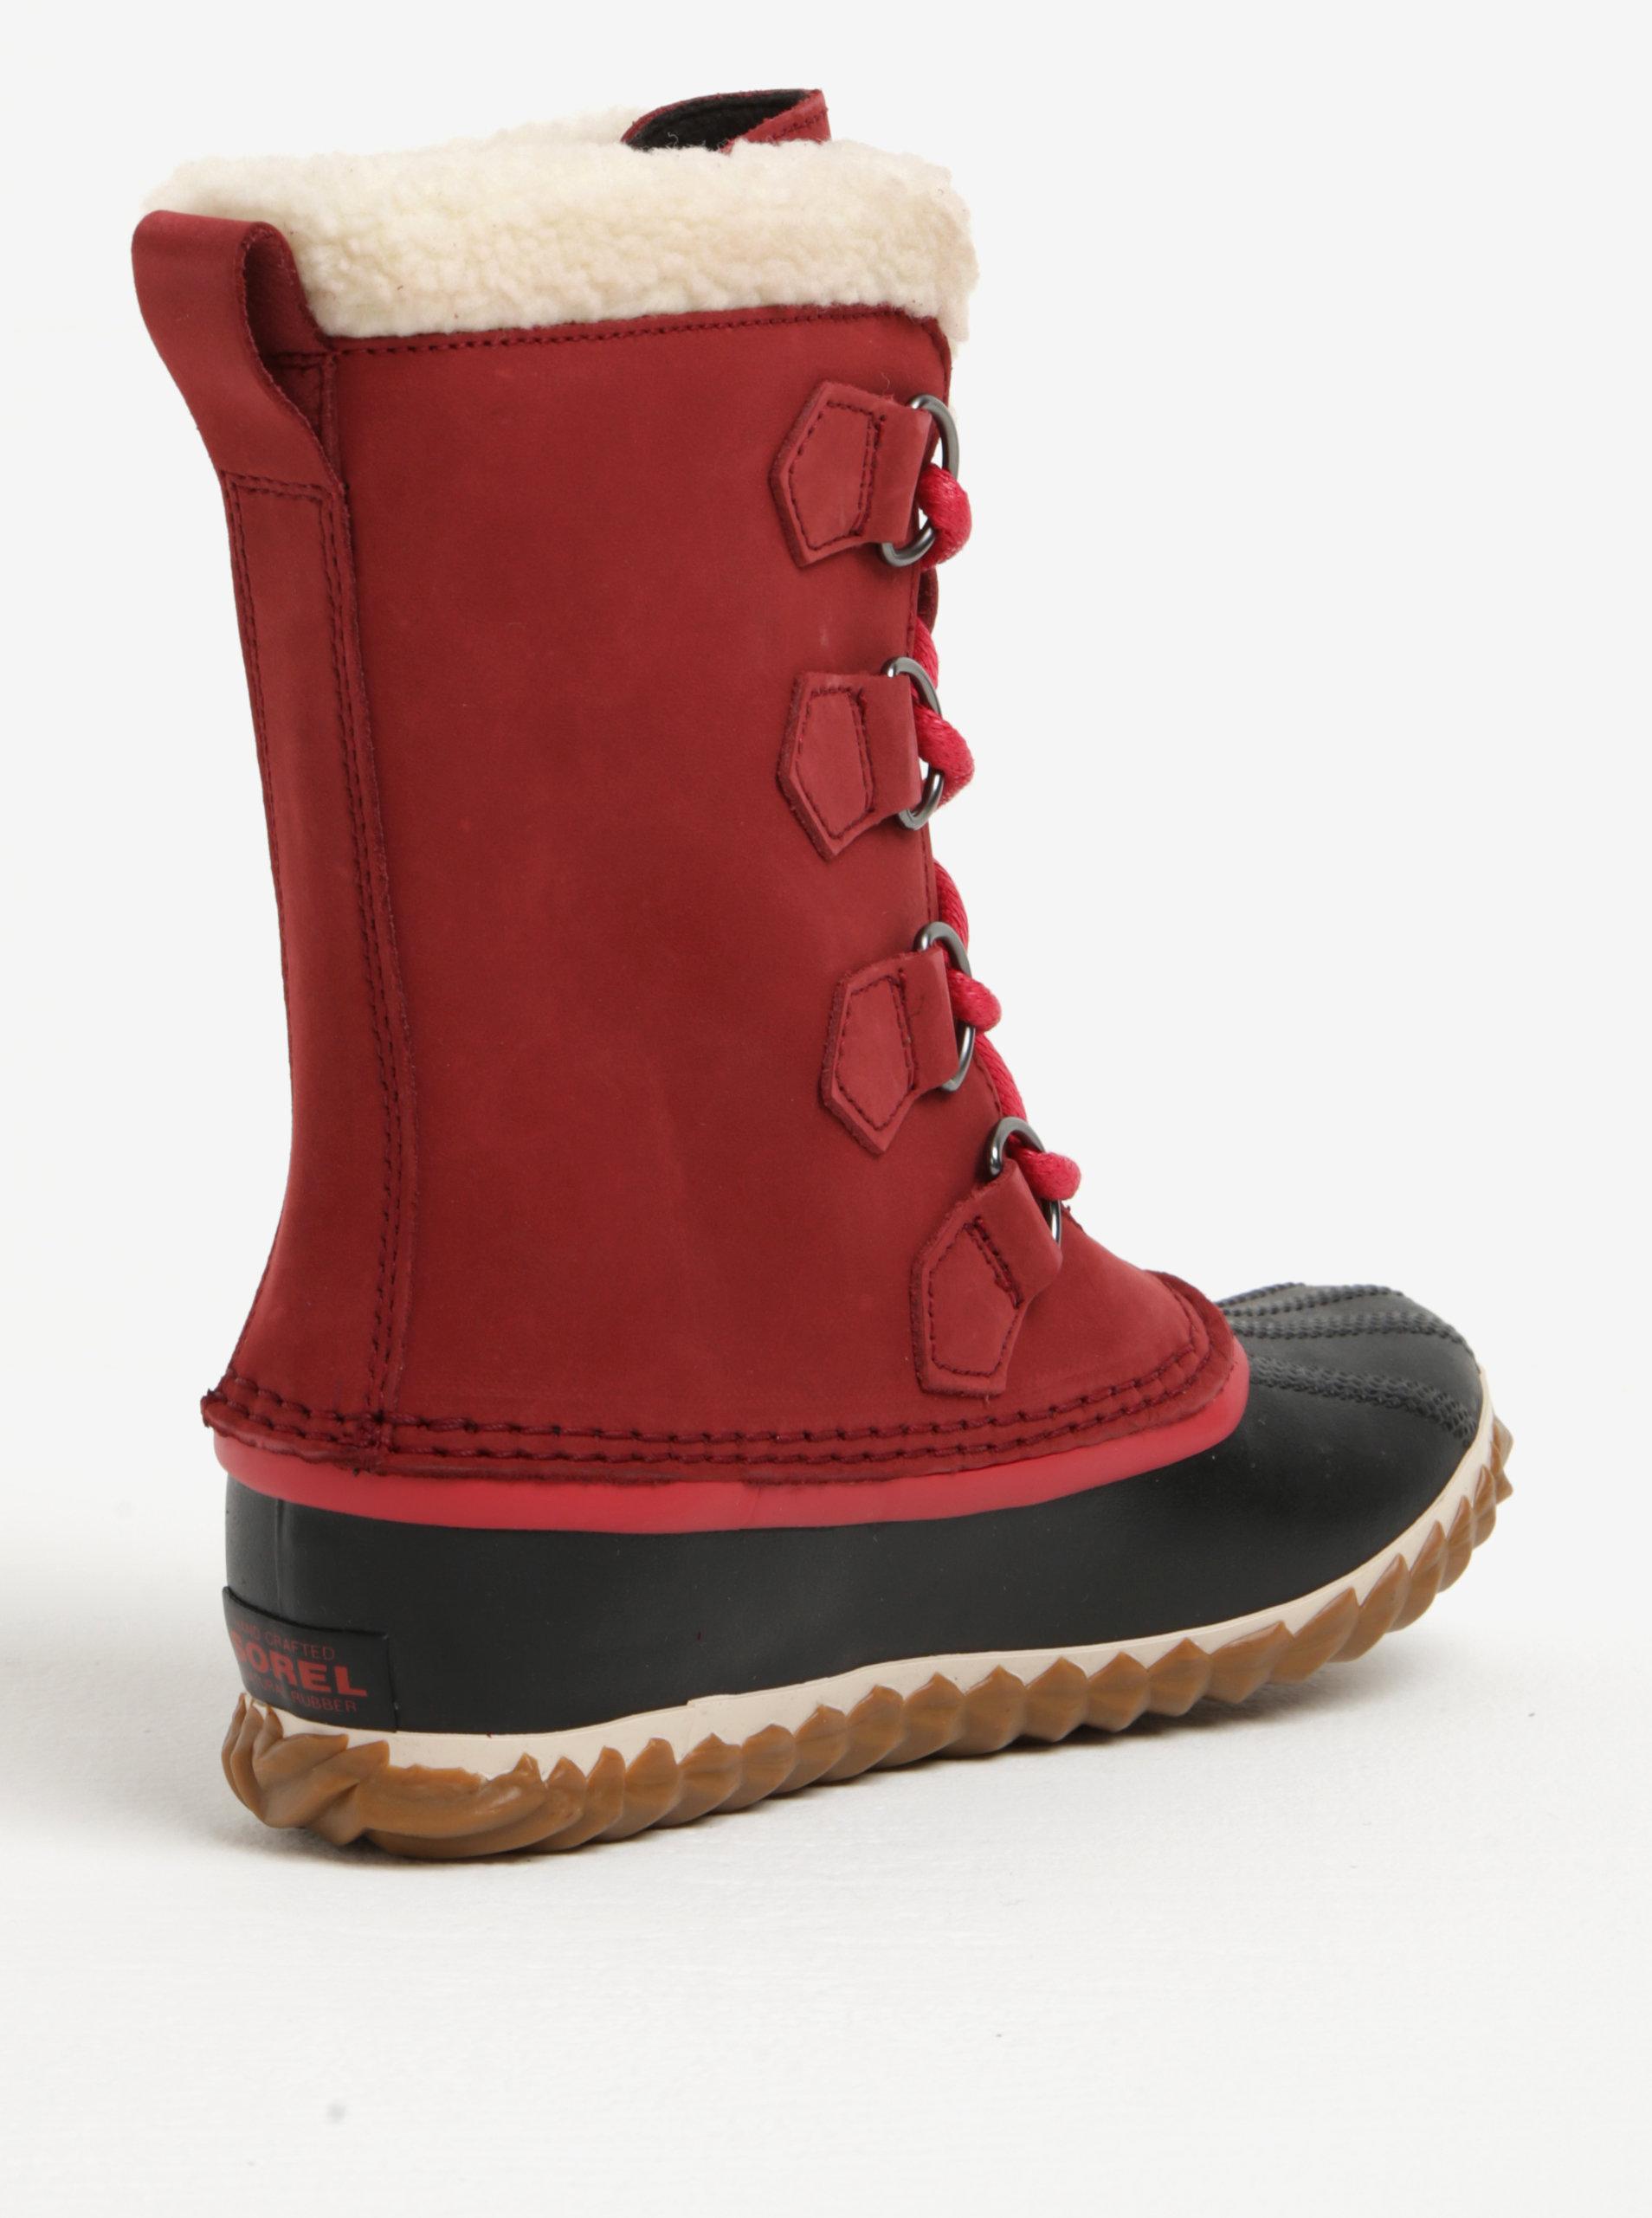 Červené dámské kožené voděodolné zimní boty s umělým kožíškem SOREL ... 52ccc95e389